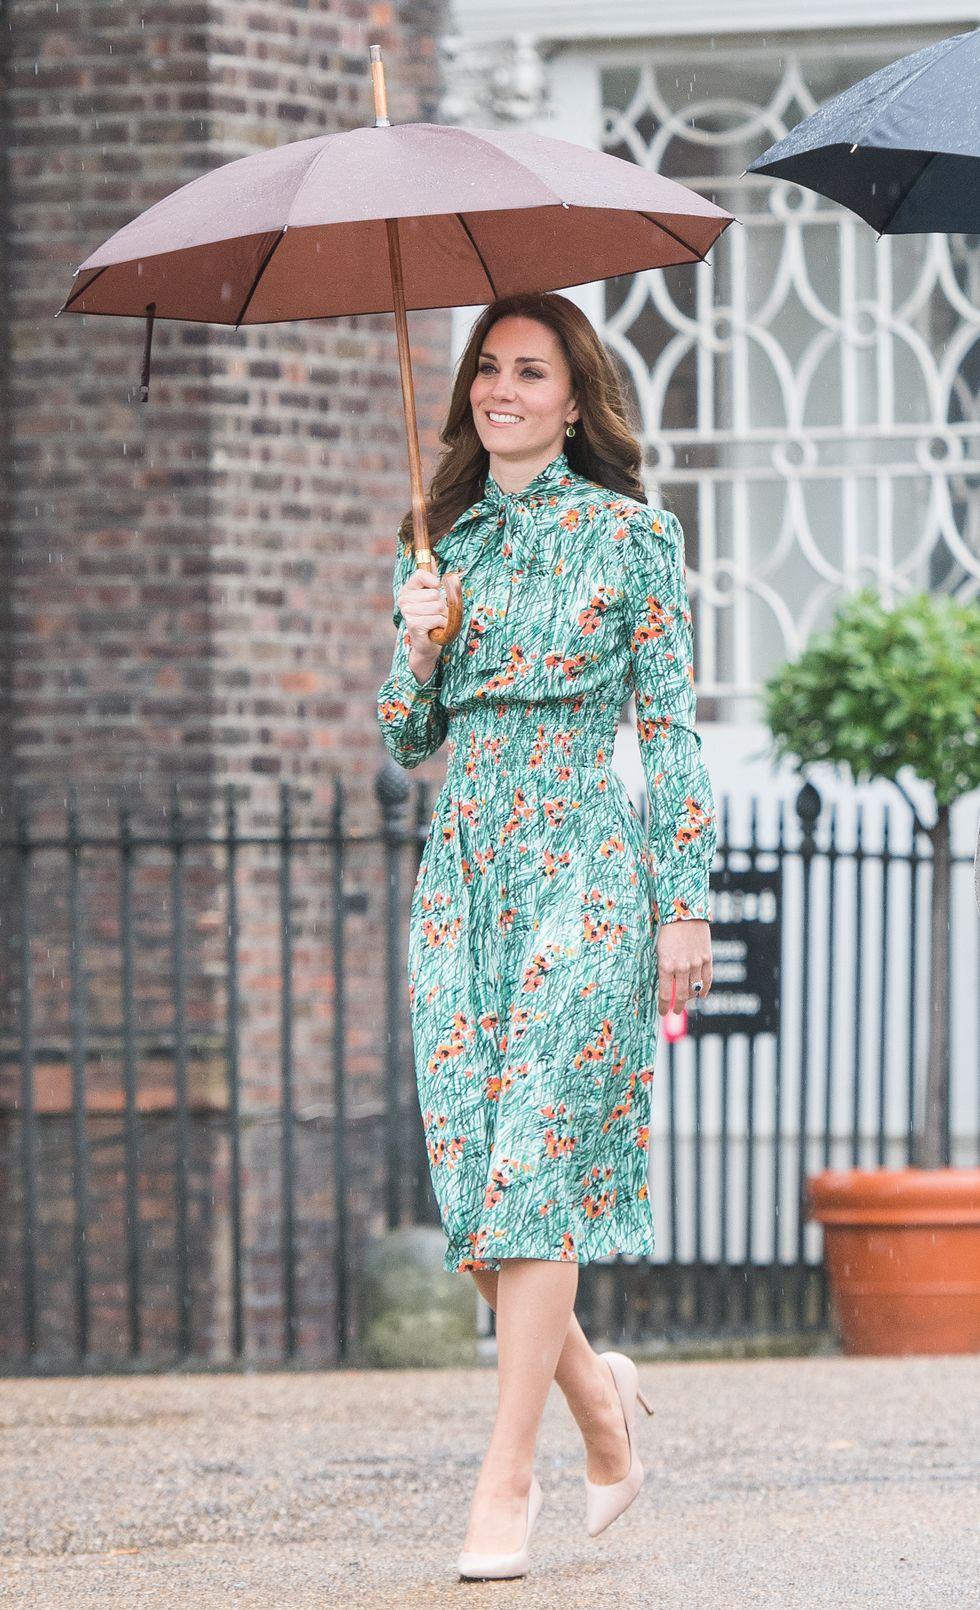 Kate Middleton vẫn luôn thon thả dù đã xấp xỉ 40 và qua 3 lần sinh nở nhờ tuân theo 4 giai đoạn ăn uống giảm cân: Vòng eo hiện tại còn thon hơn cả thời con gái - Ảnh 4.